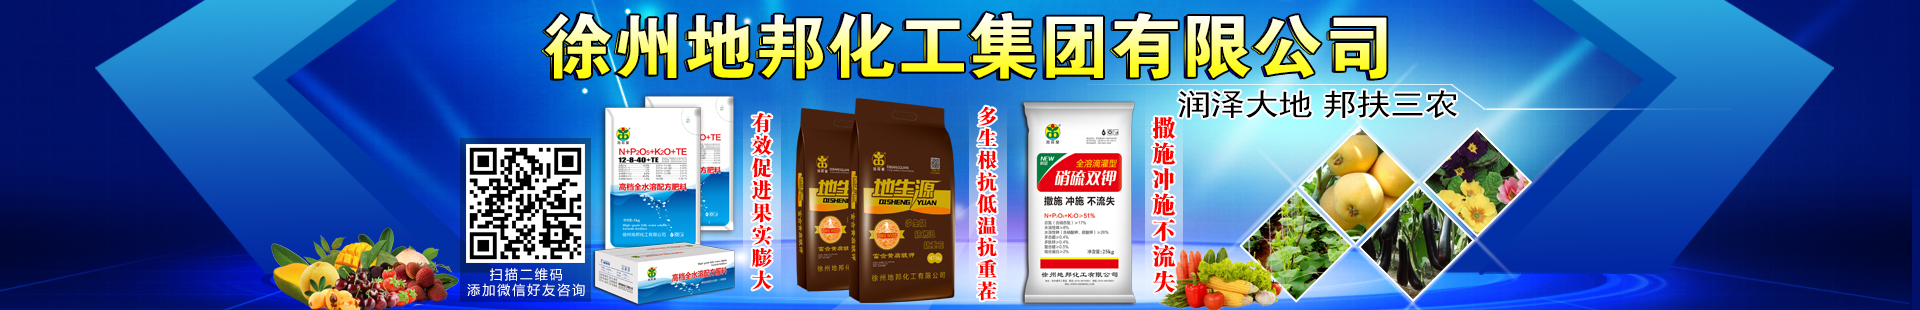 徐州地邦化工集团有限公司